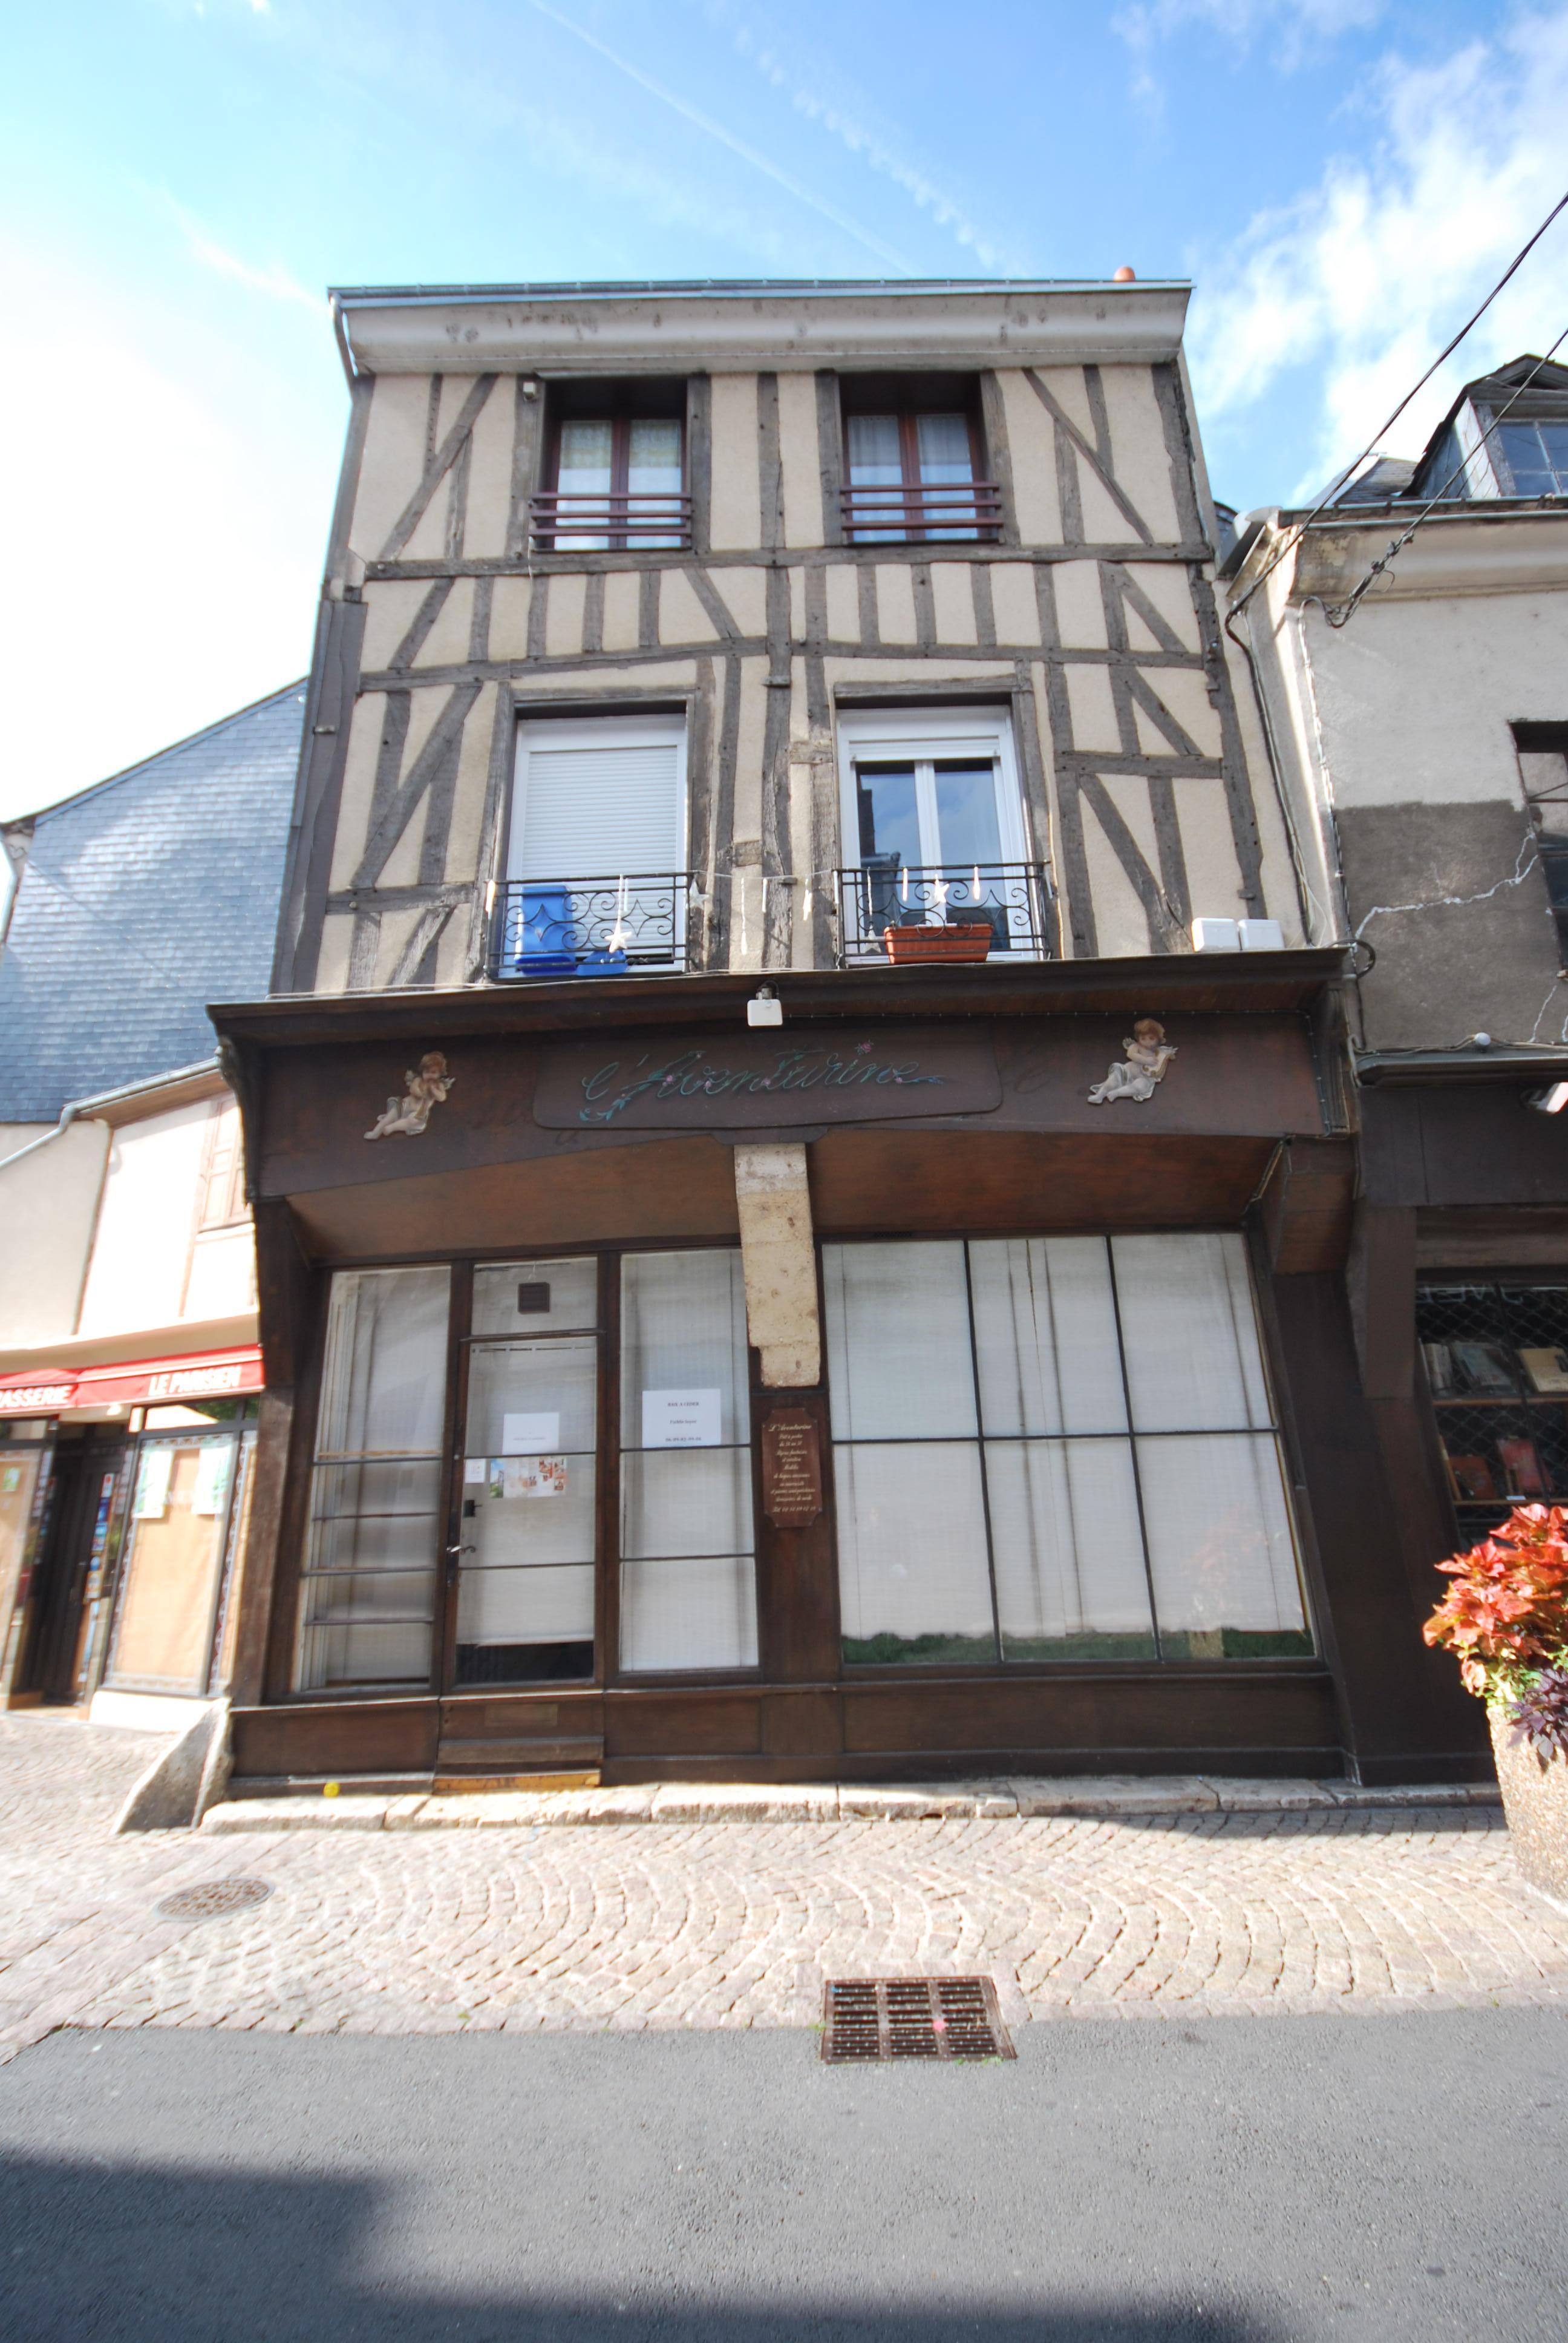 File Nd Maison A Pans De Bois 4 Rue De La Renarderie A Vendome Jpg Wikimedia Commons